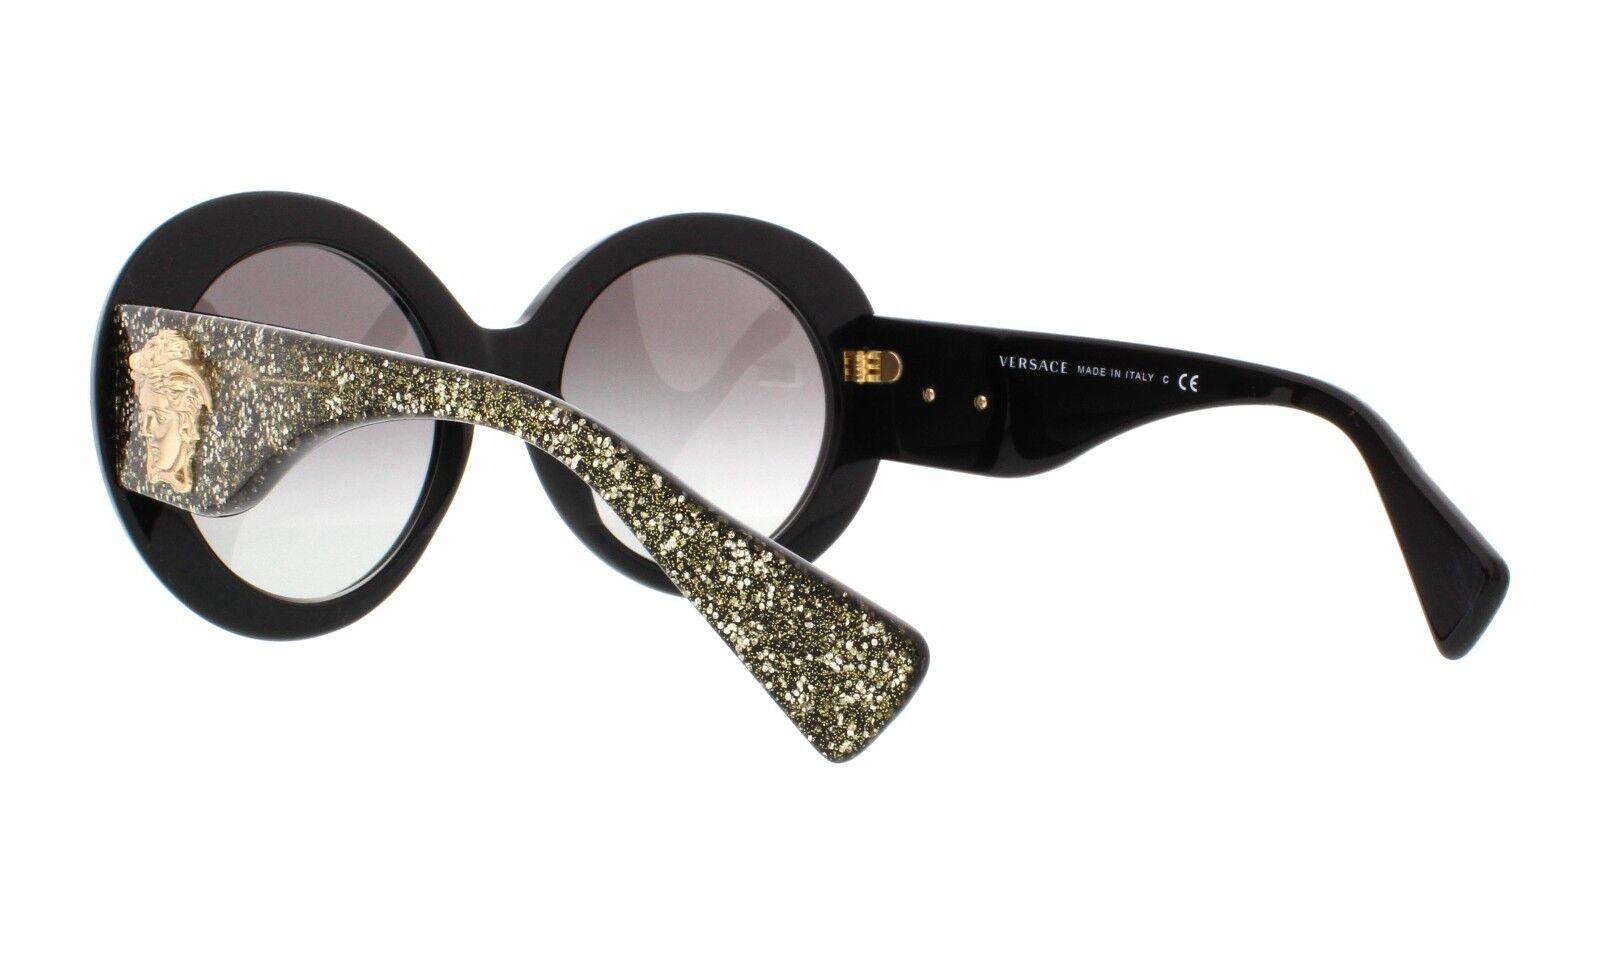 1b93fe52cdc8 Versace Medusa Women Round Sunglasses Ve 4298 Black Gold Glitter for sale  online